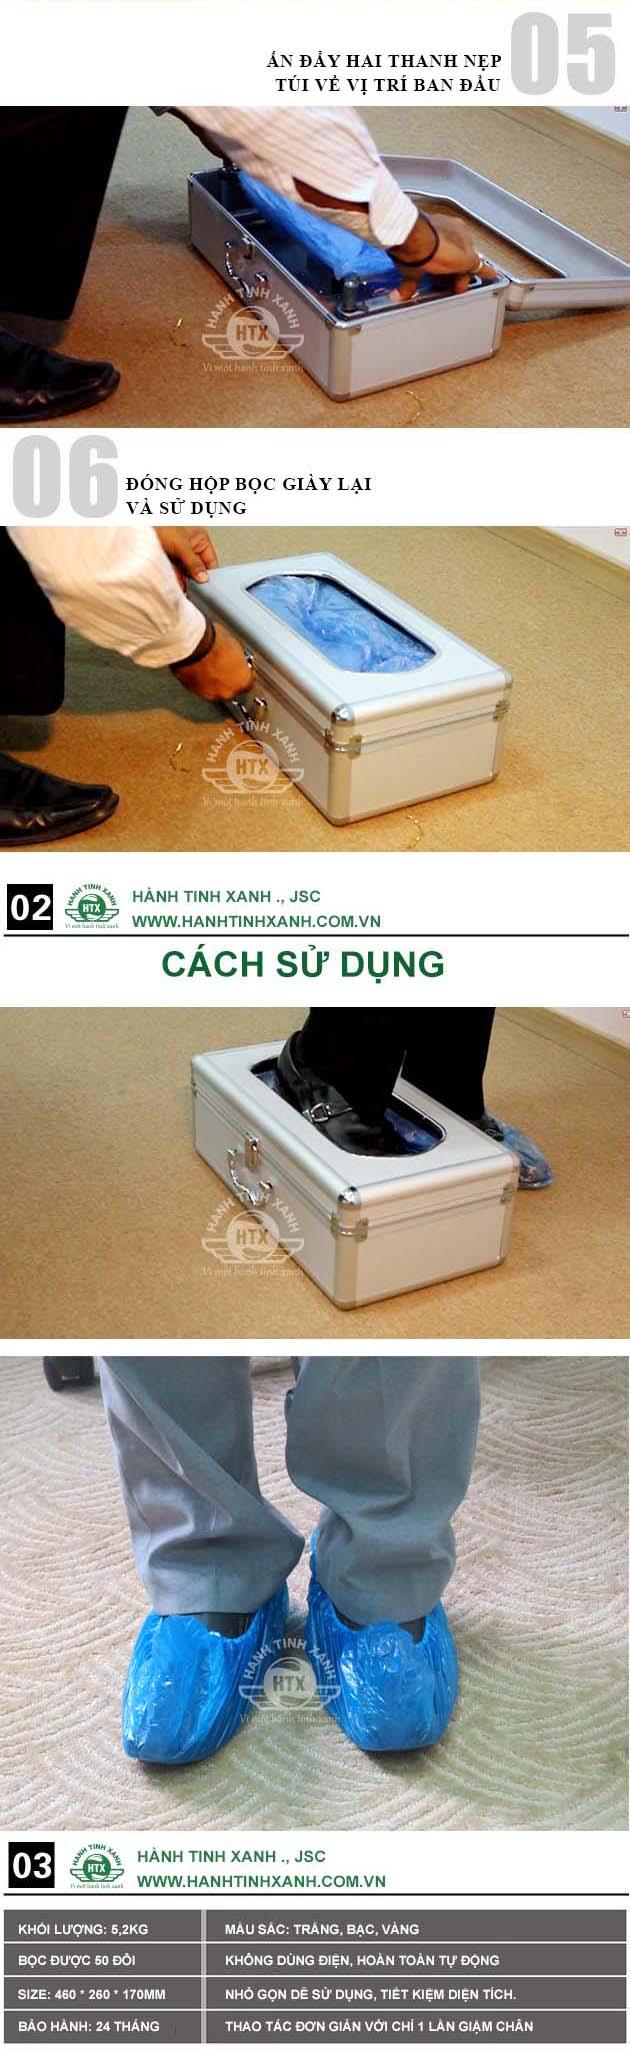 Hộp bọc giày